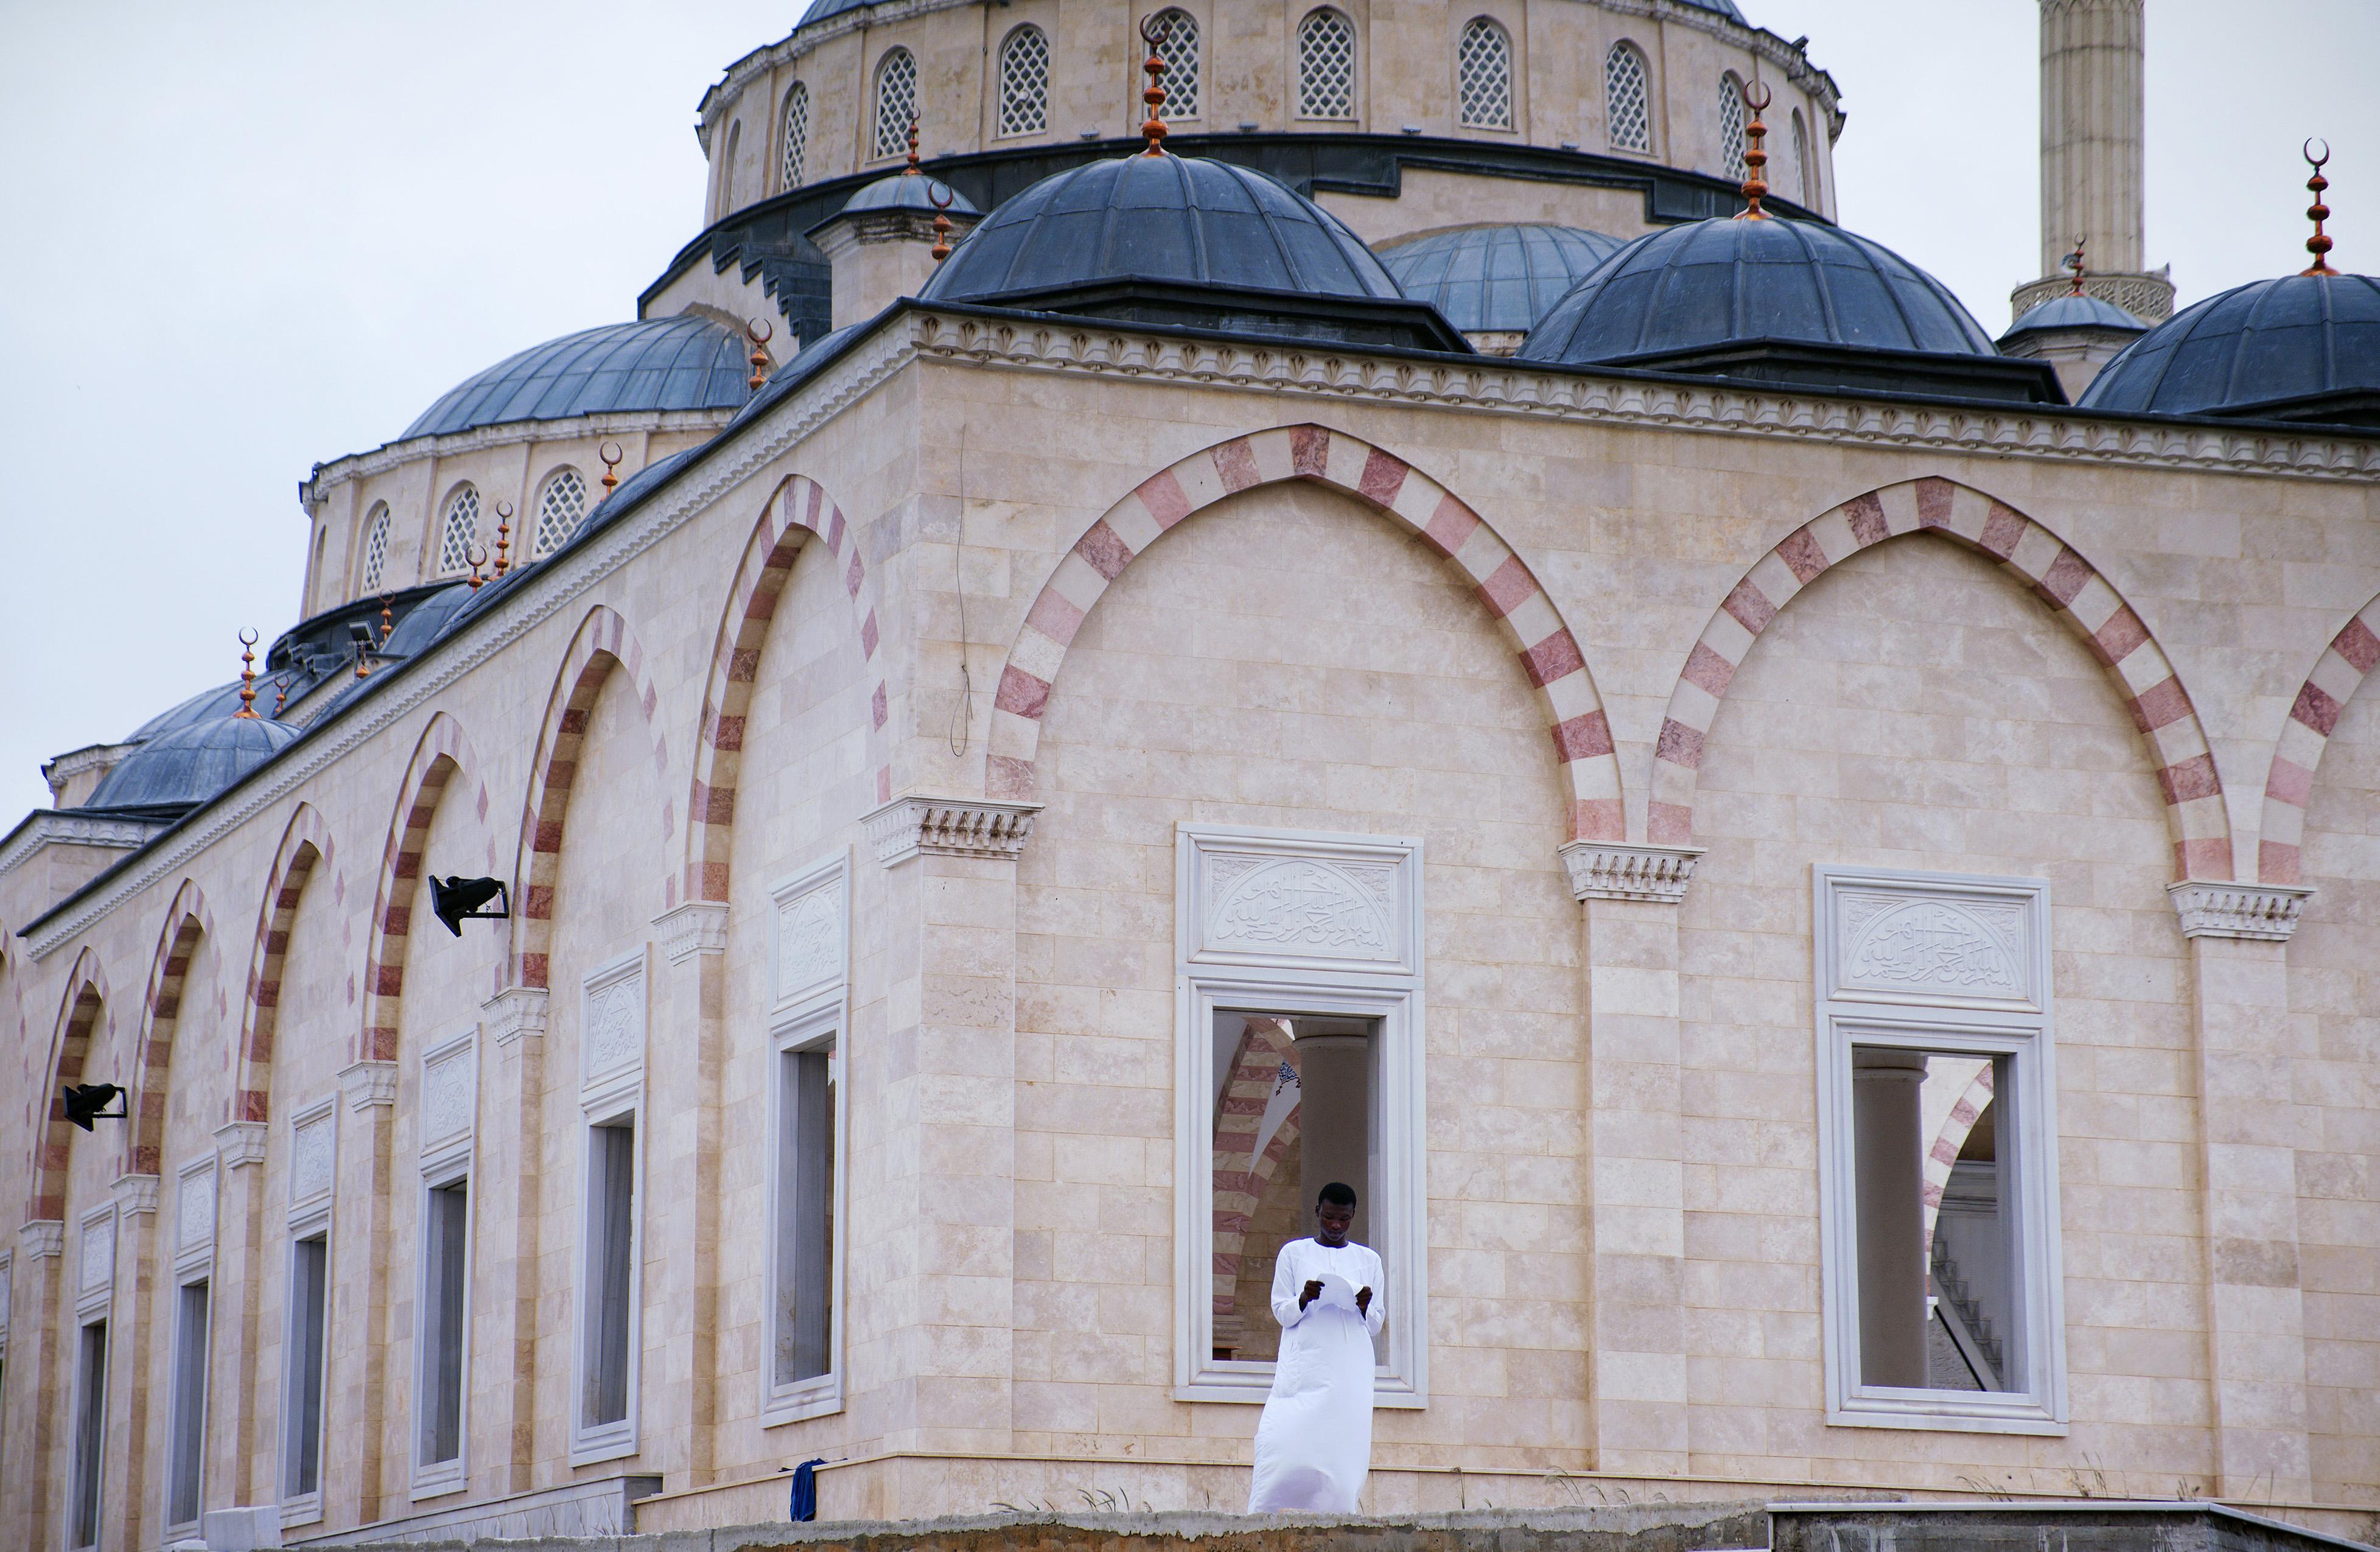 Ghana National Mosque, Accra © Nancy Chuang, @nancyc_huang